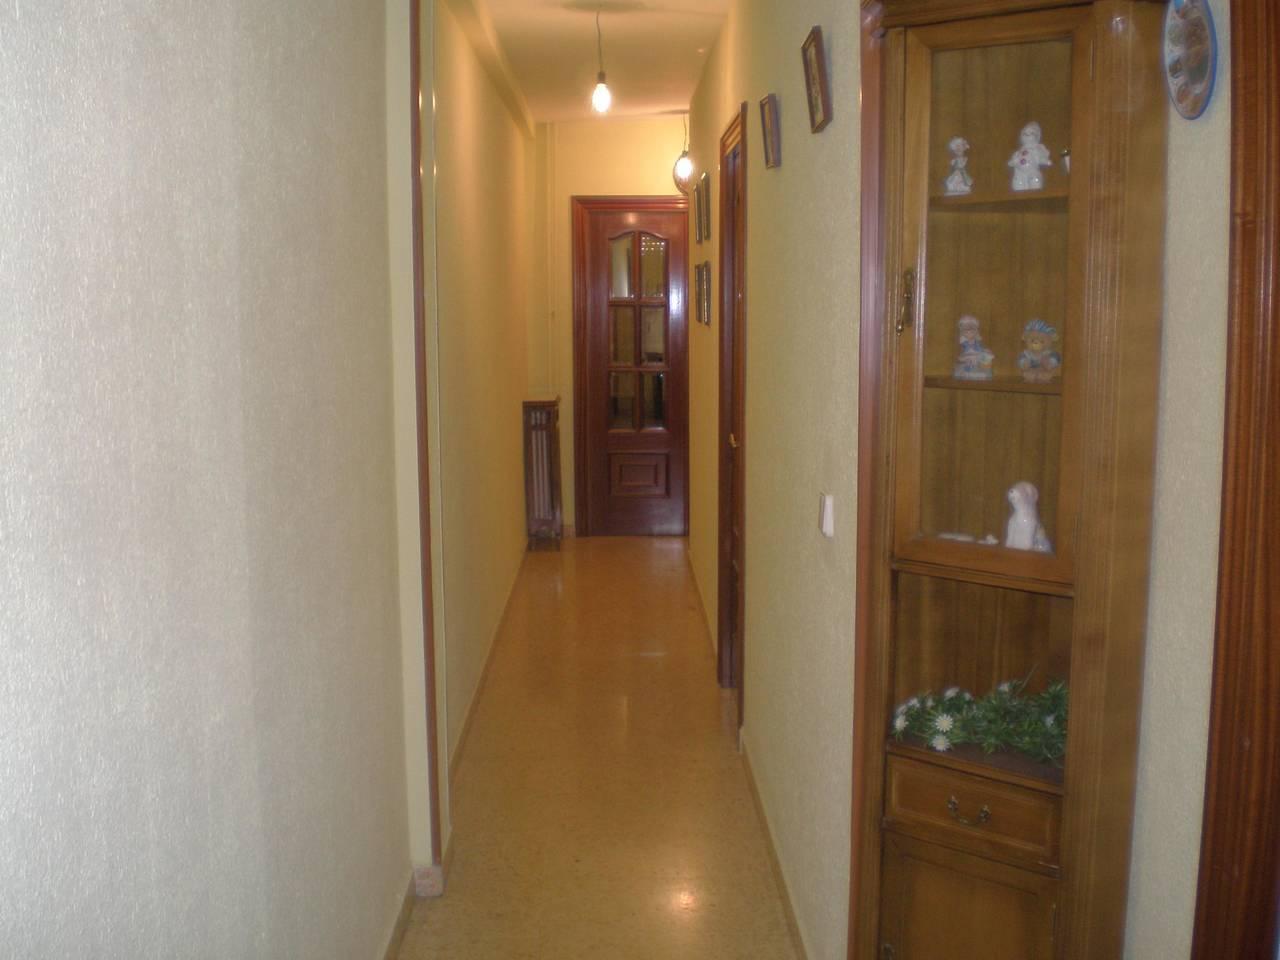 en soria se alquilan una habitacion en piso compartido  - Foto 25